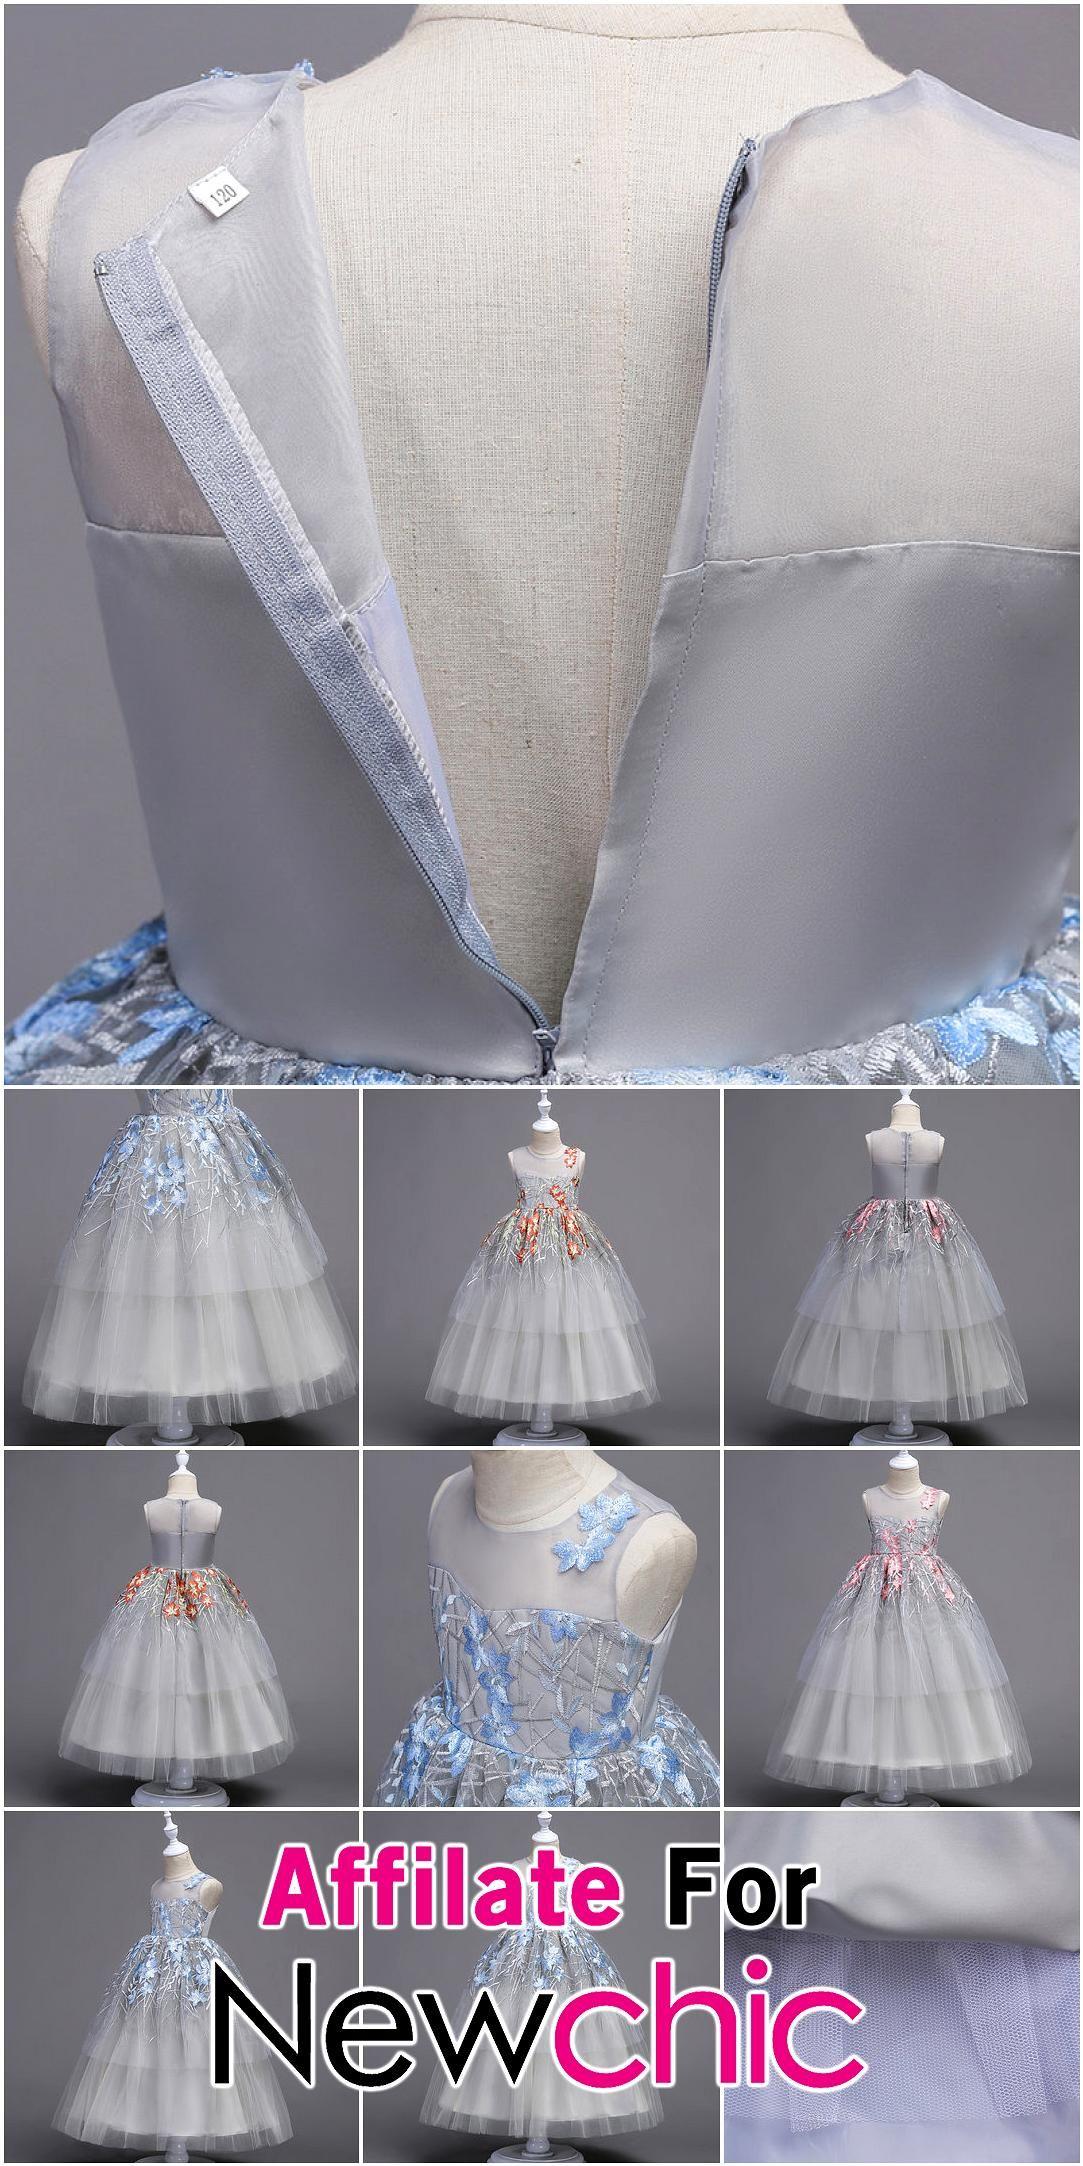 Elegant Embroidery Girls Kids Formal Pageant Wedding Princess Dress For 4Y15Y USD 4719 Elegant Embroidery Girls Kids Formal Pageant Wedding Princess Dress For 4Y15Y USD 4...